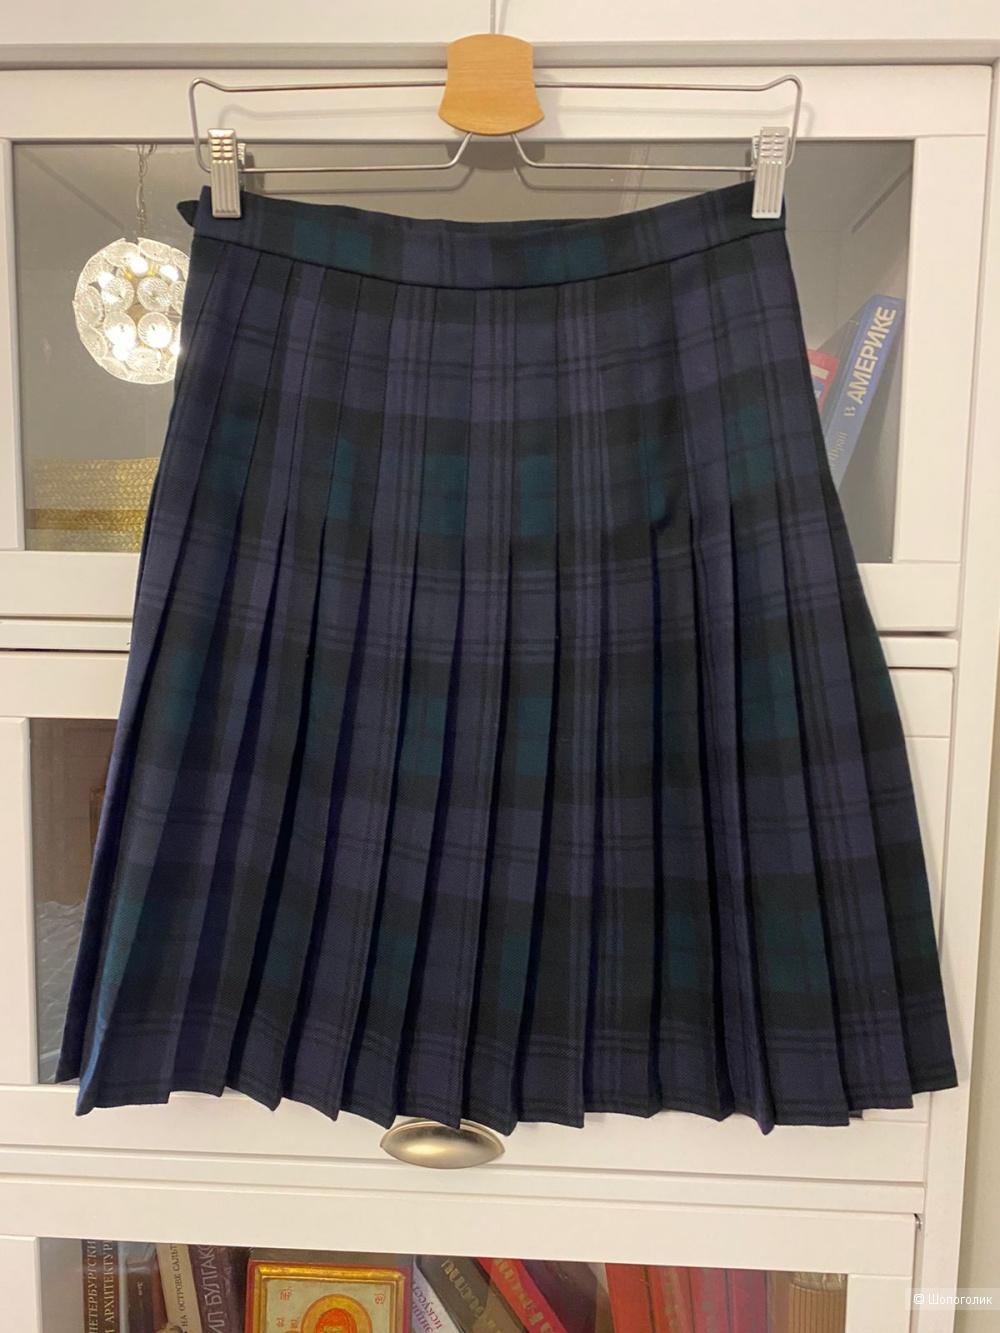 Юбка-килт Pringle of Scotland, р-р 44-46